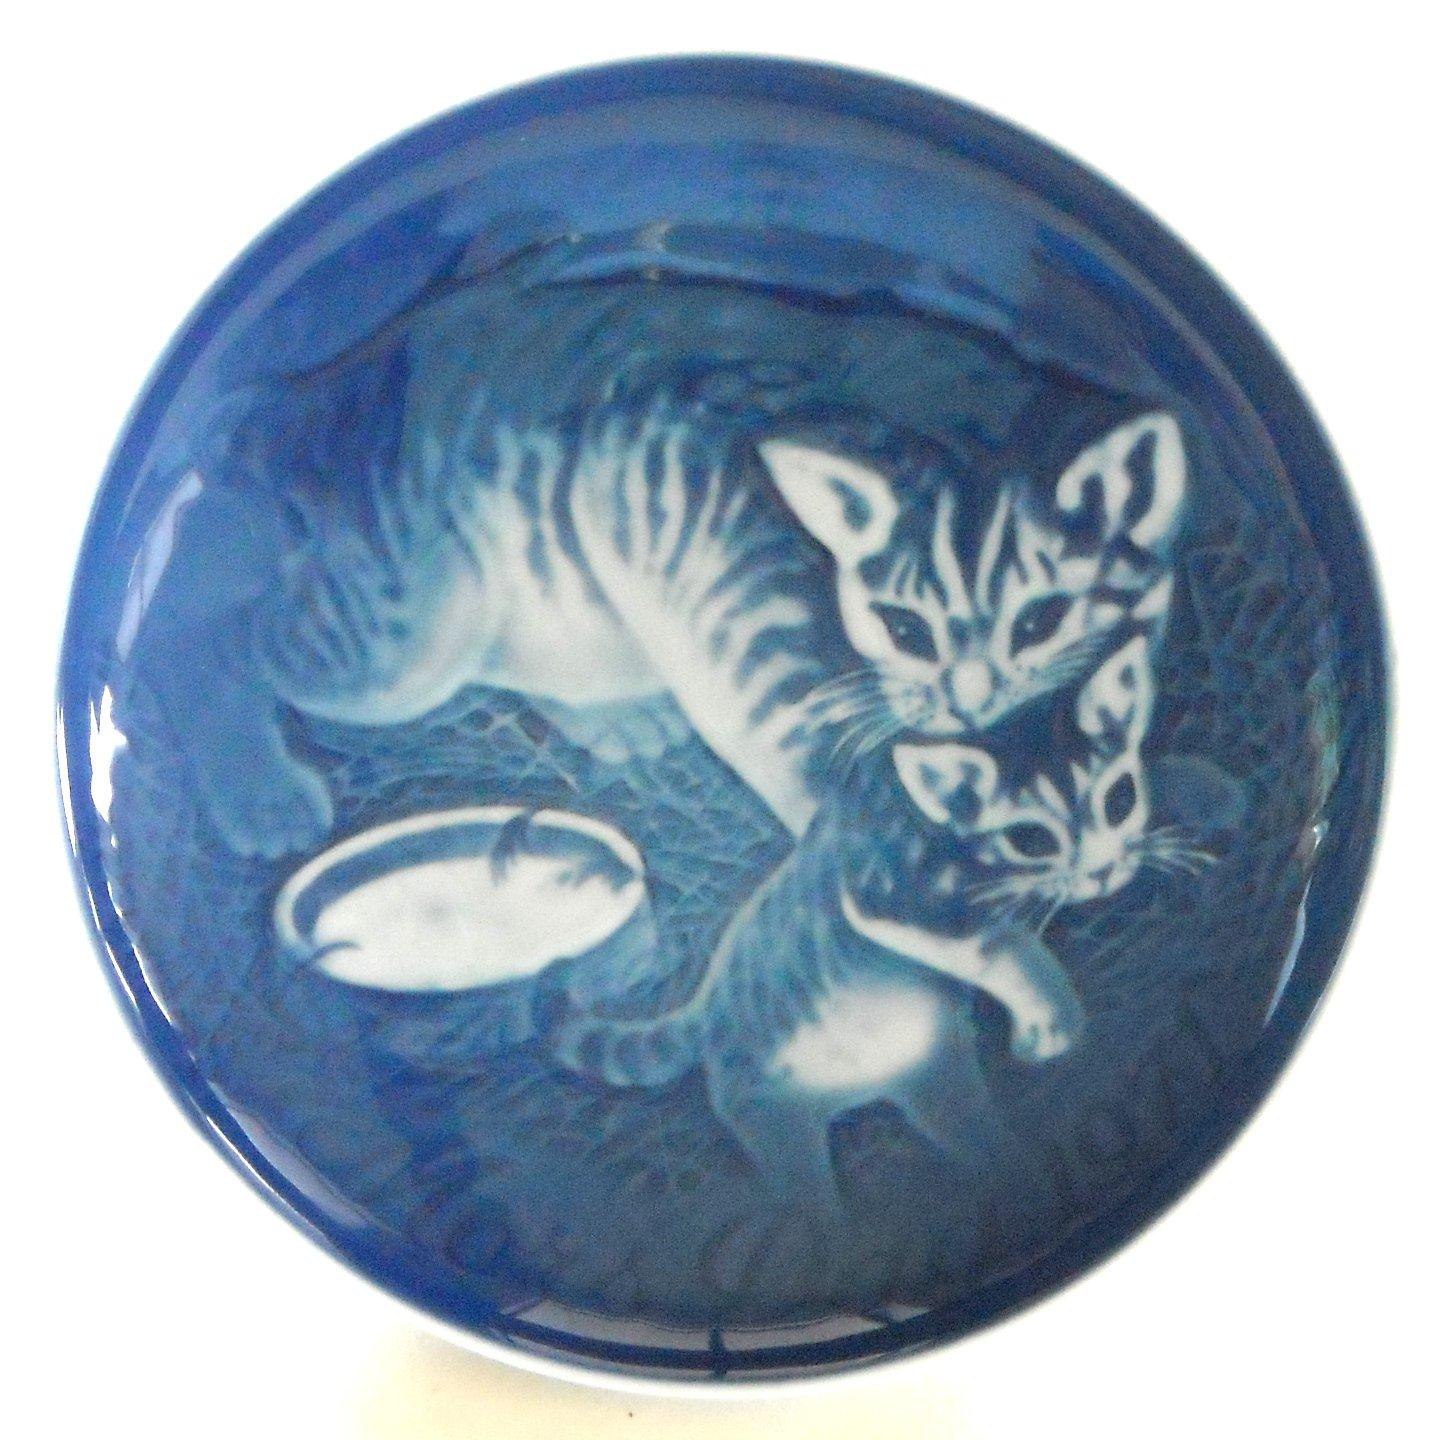 Mother's Day Plate Danish Bing & Grondahl Denmark Cat and Kitten 1971